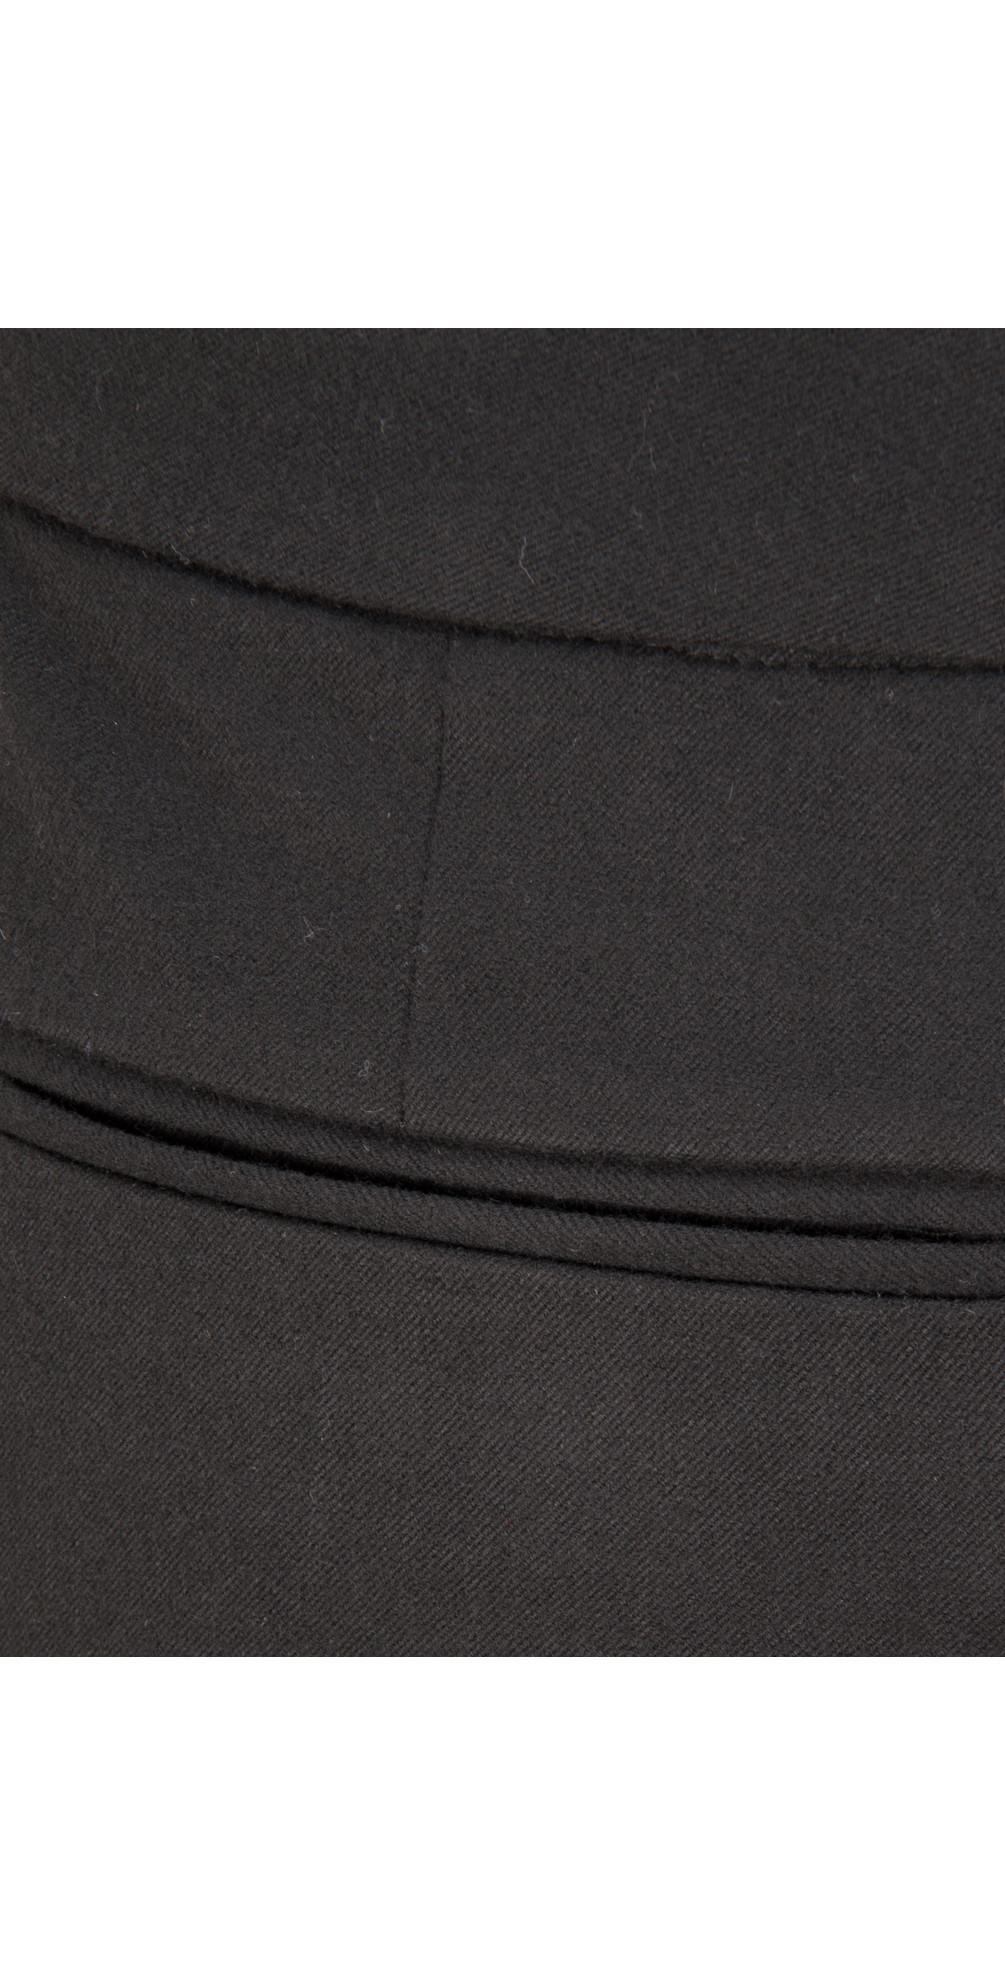 Bella Suiting Trouser main image